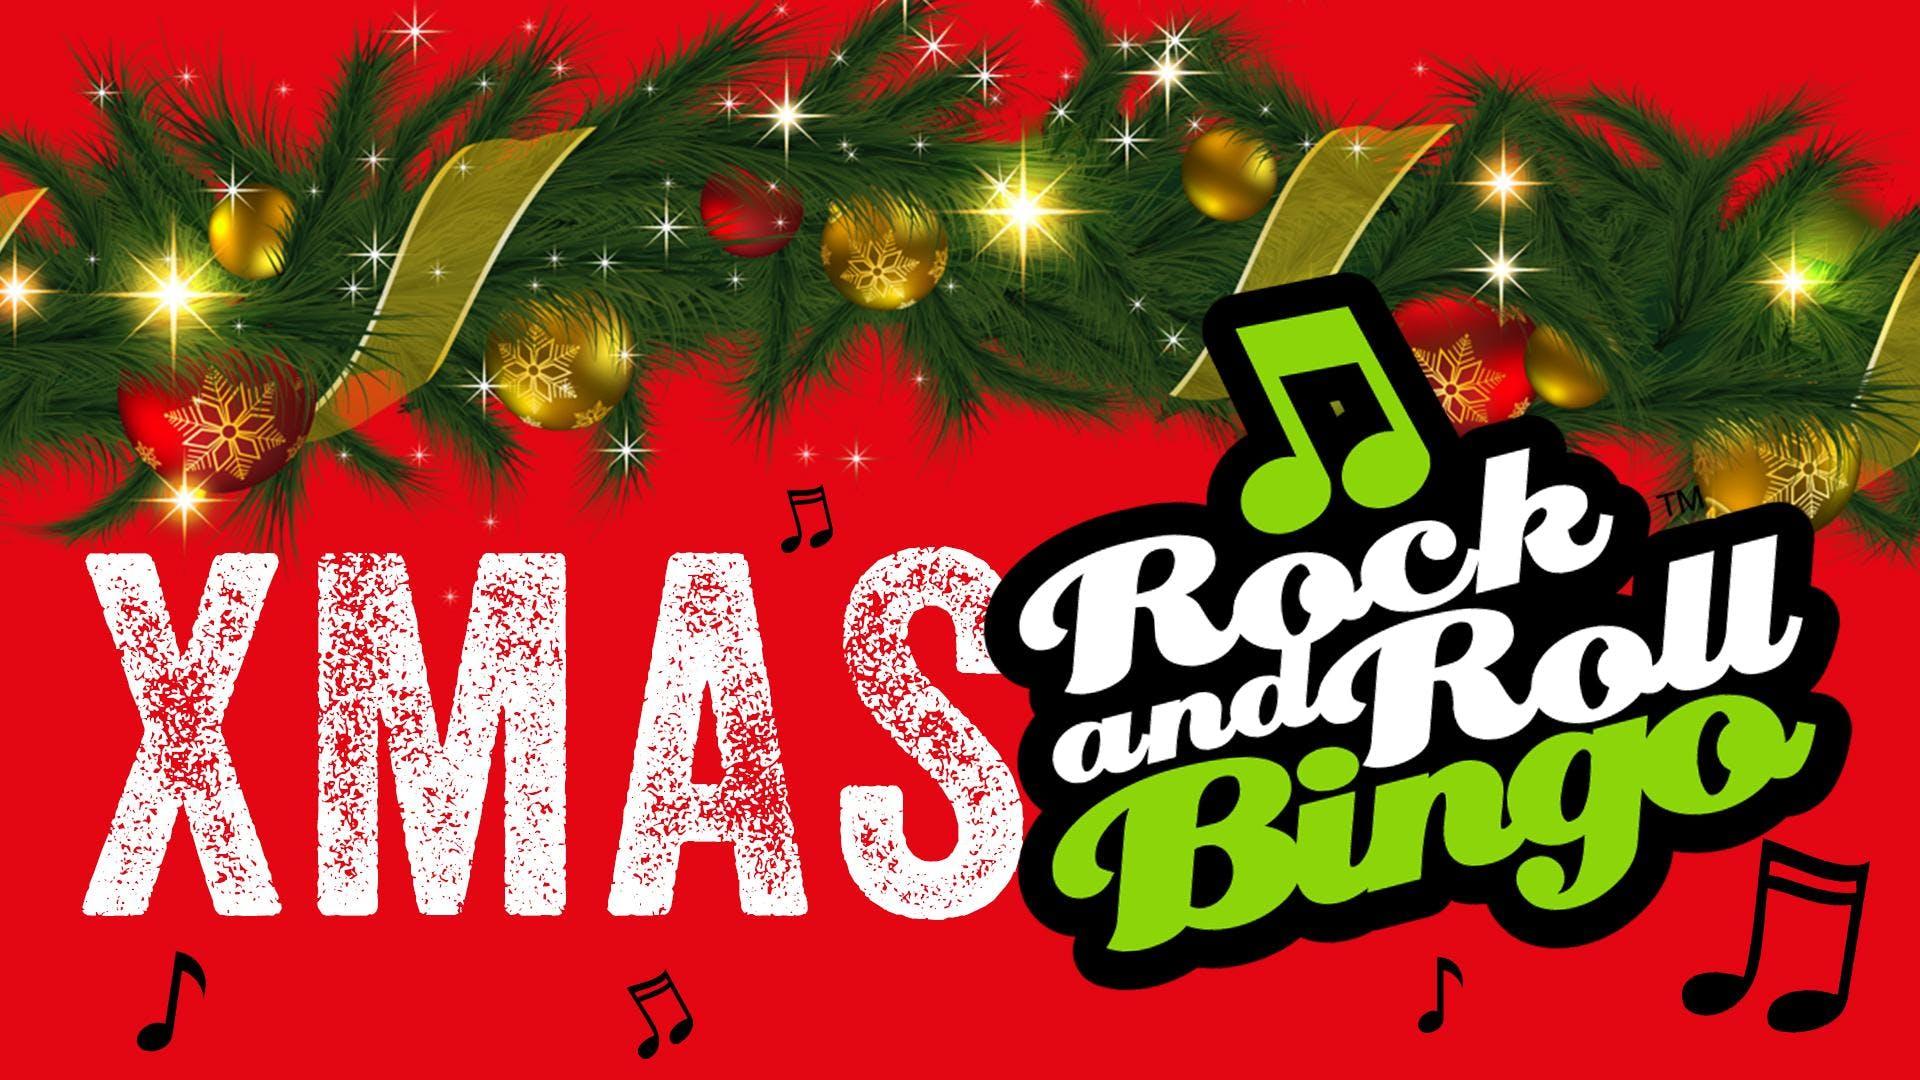 Christmas Rock and Roll Bingo